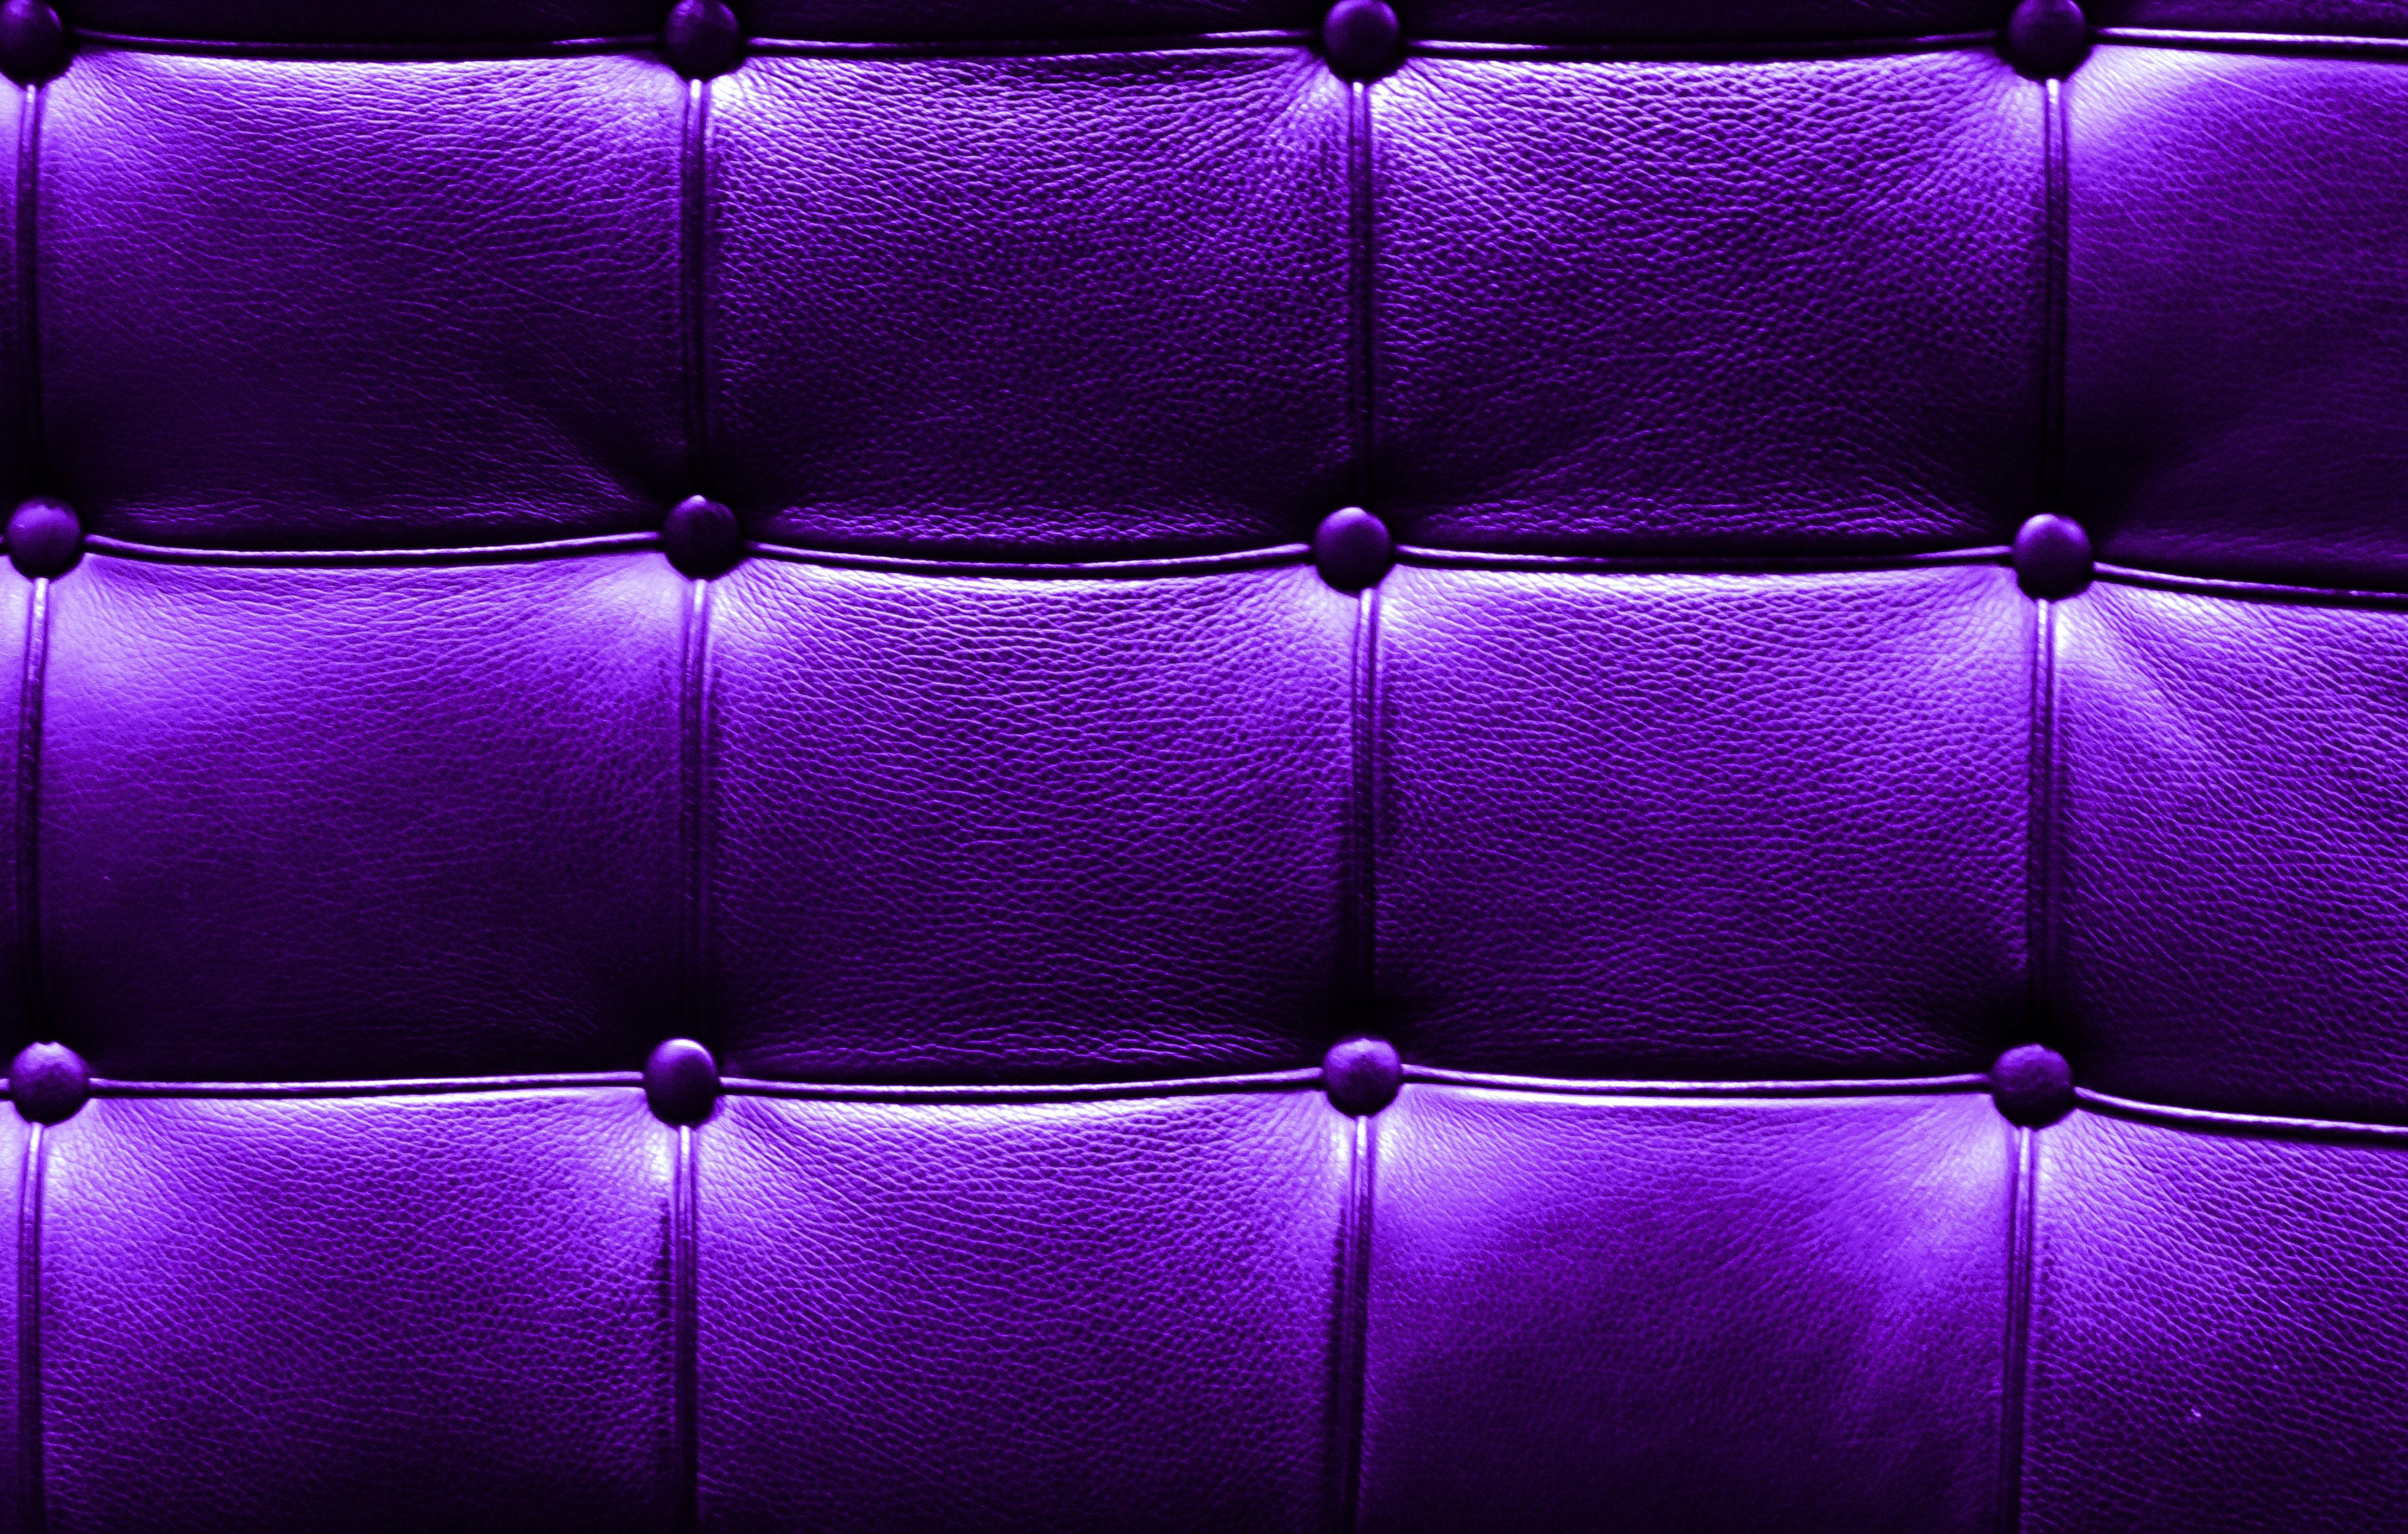 118318 скачать обои Текстуры, Фиолетовый, Кожа, Фон - заставки и картинки бесплатно